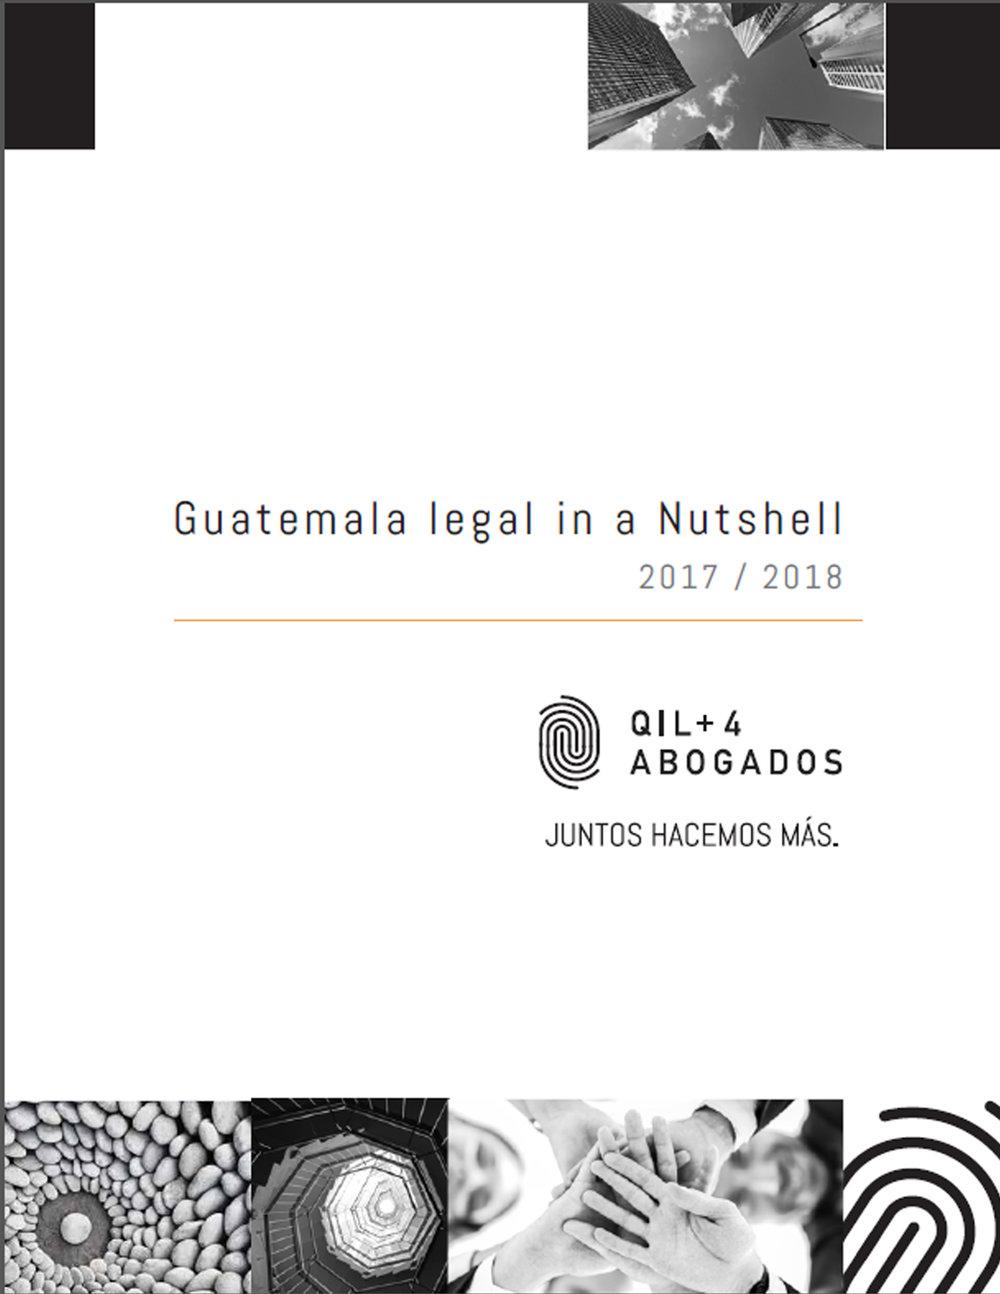 GuatemalaLegalInANutshell.jpg